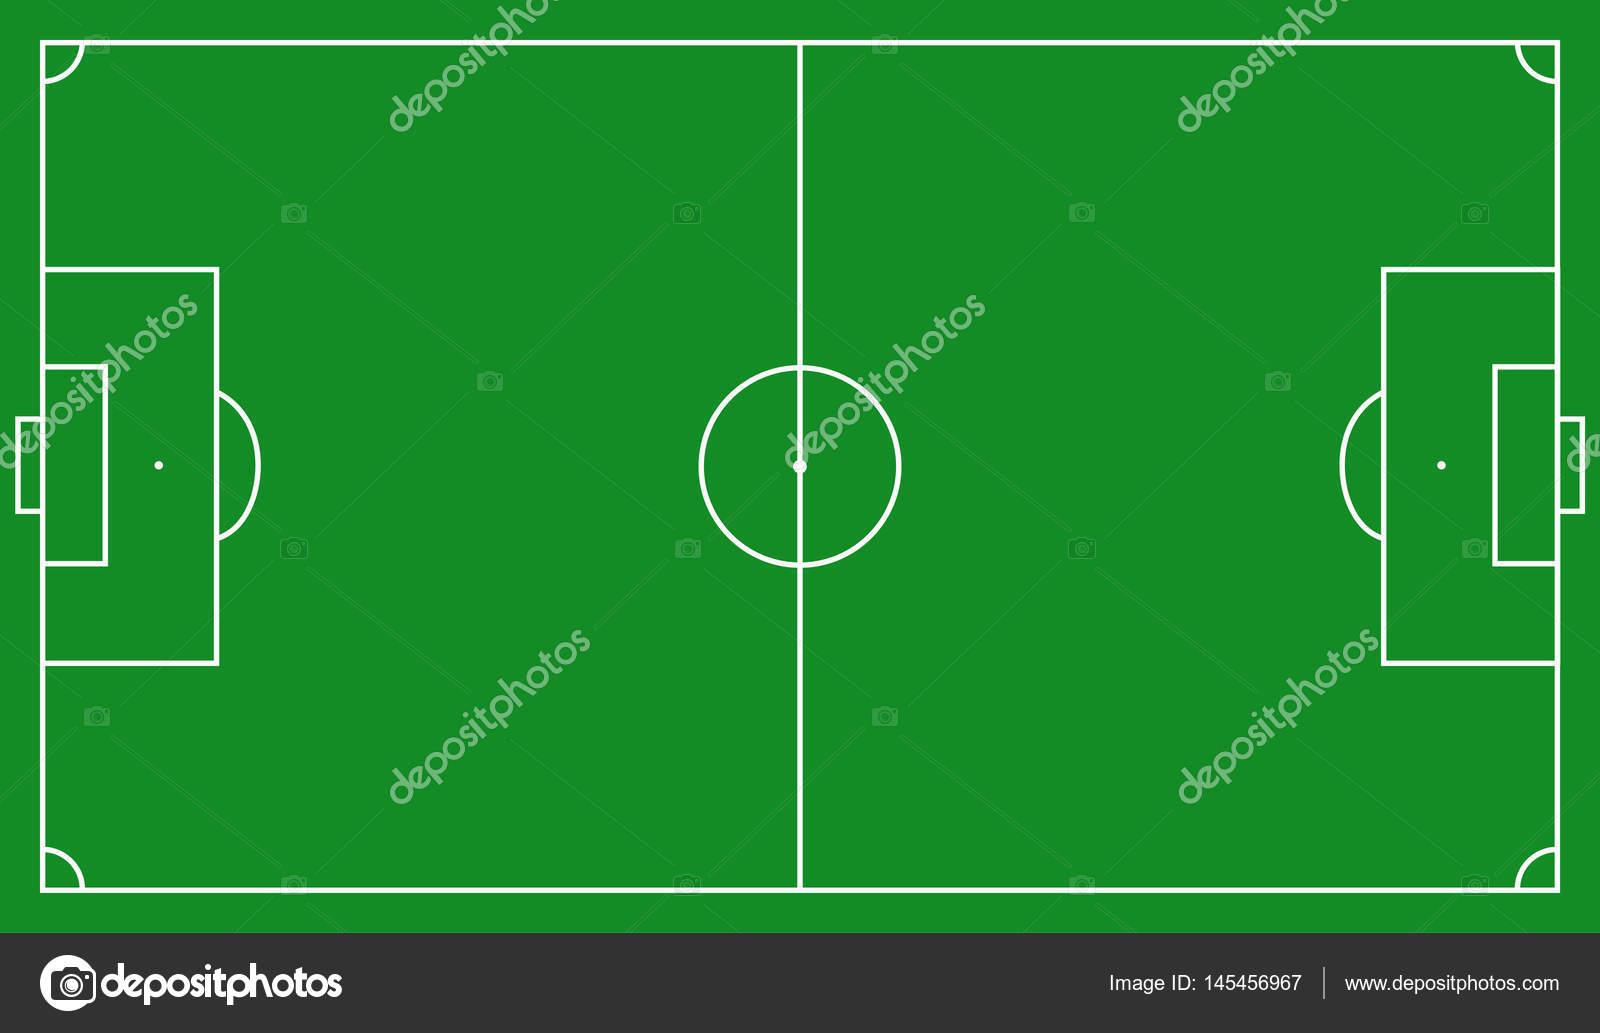 Fussball Feld Schema Stockvektor C Mishabokovan 145456967